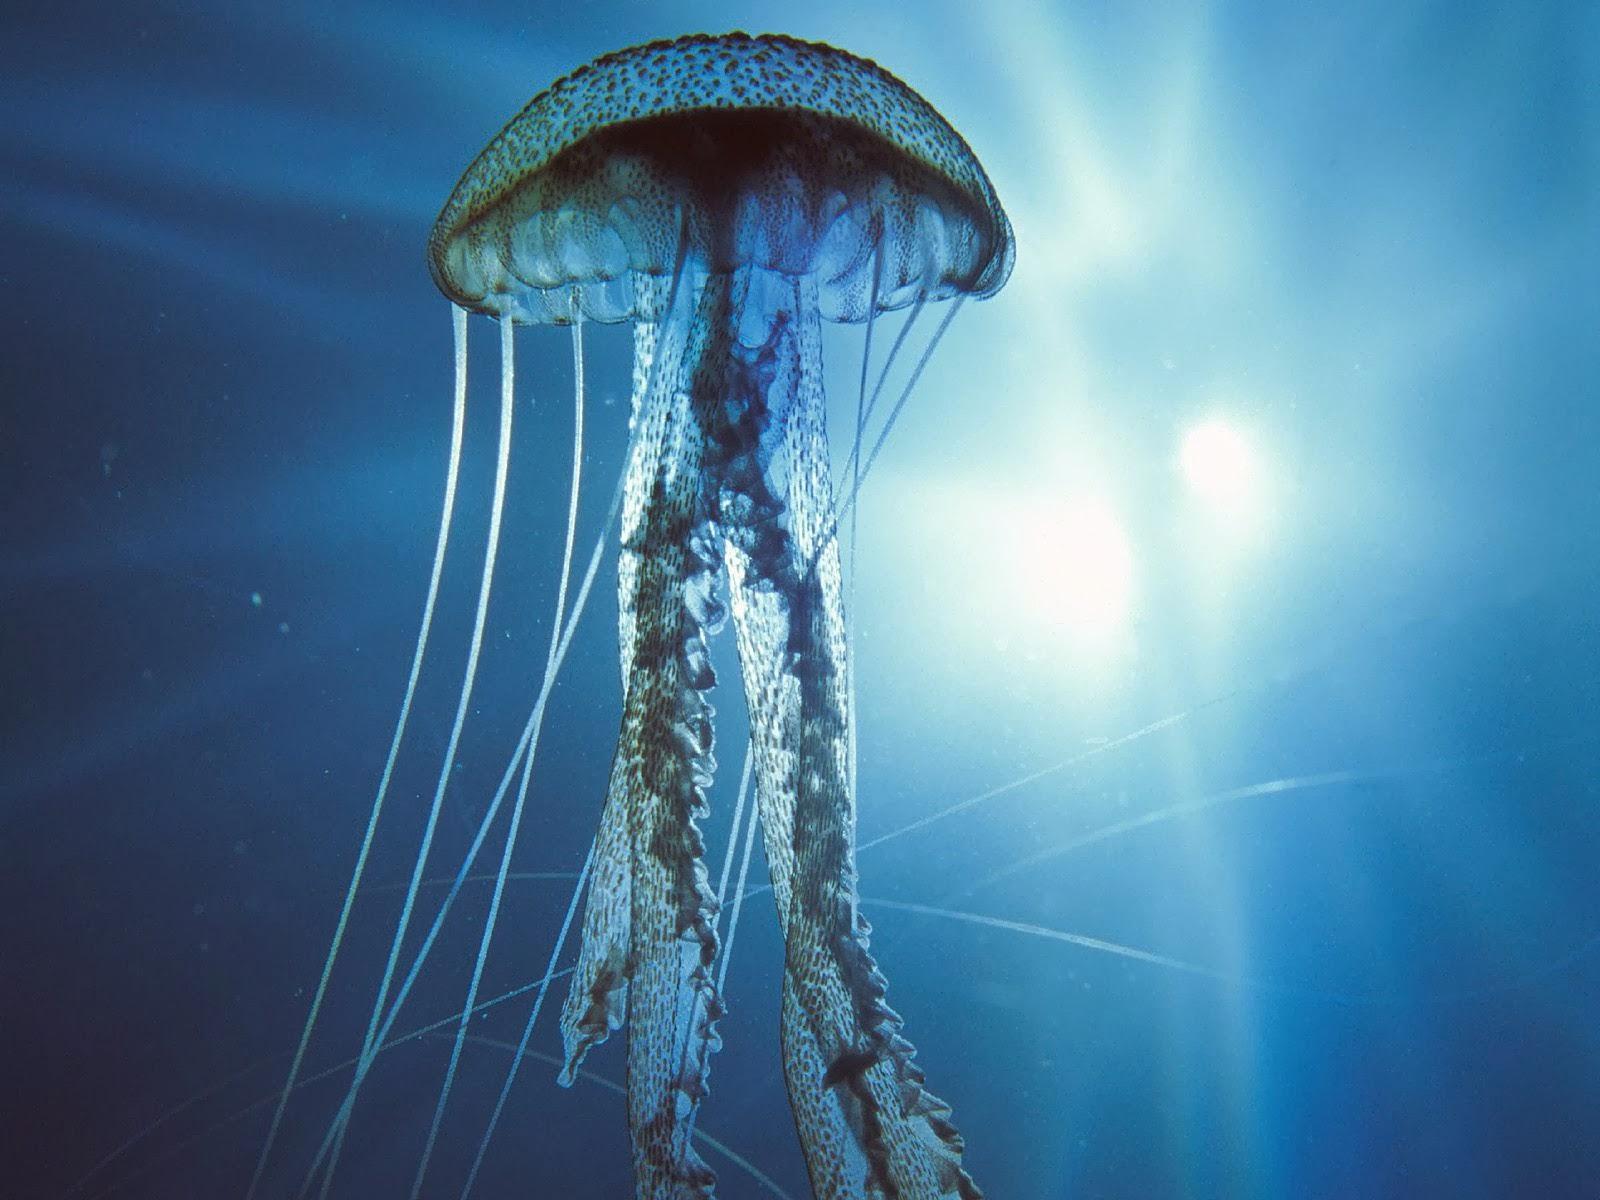 """<img src=""""http://1.bp.blogspot.com/-Vmm9jSJz6WQ/UtmQmJ5-hhI/AAAAAAAAIps/Y-FDxM-7vzY/s1600/electric-jellyfish.jpg"""" alt=""""jelly fish"""" />"""